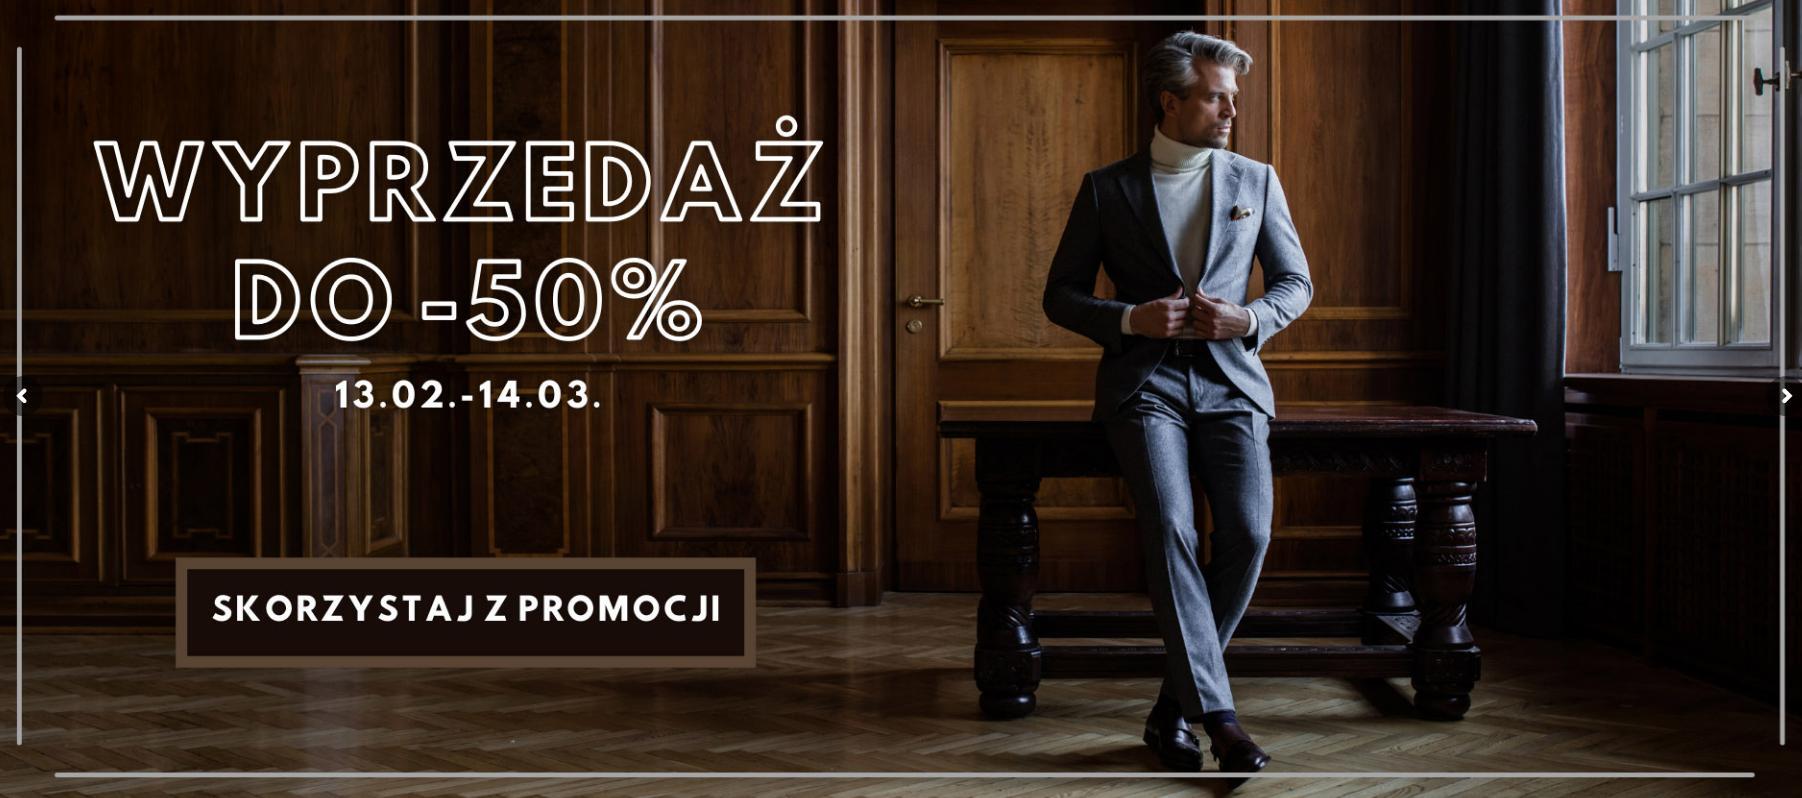 Miler Menswear: wyprzedaż do 50% rabatu na odzież męską